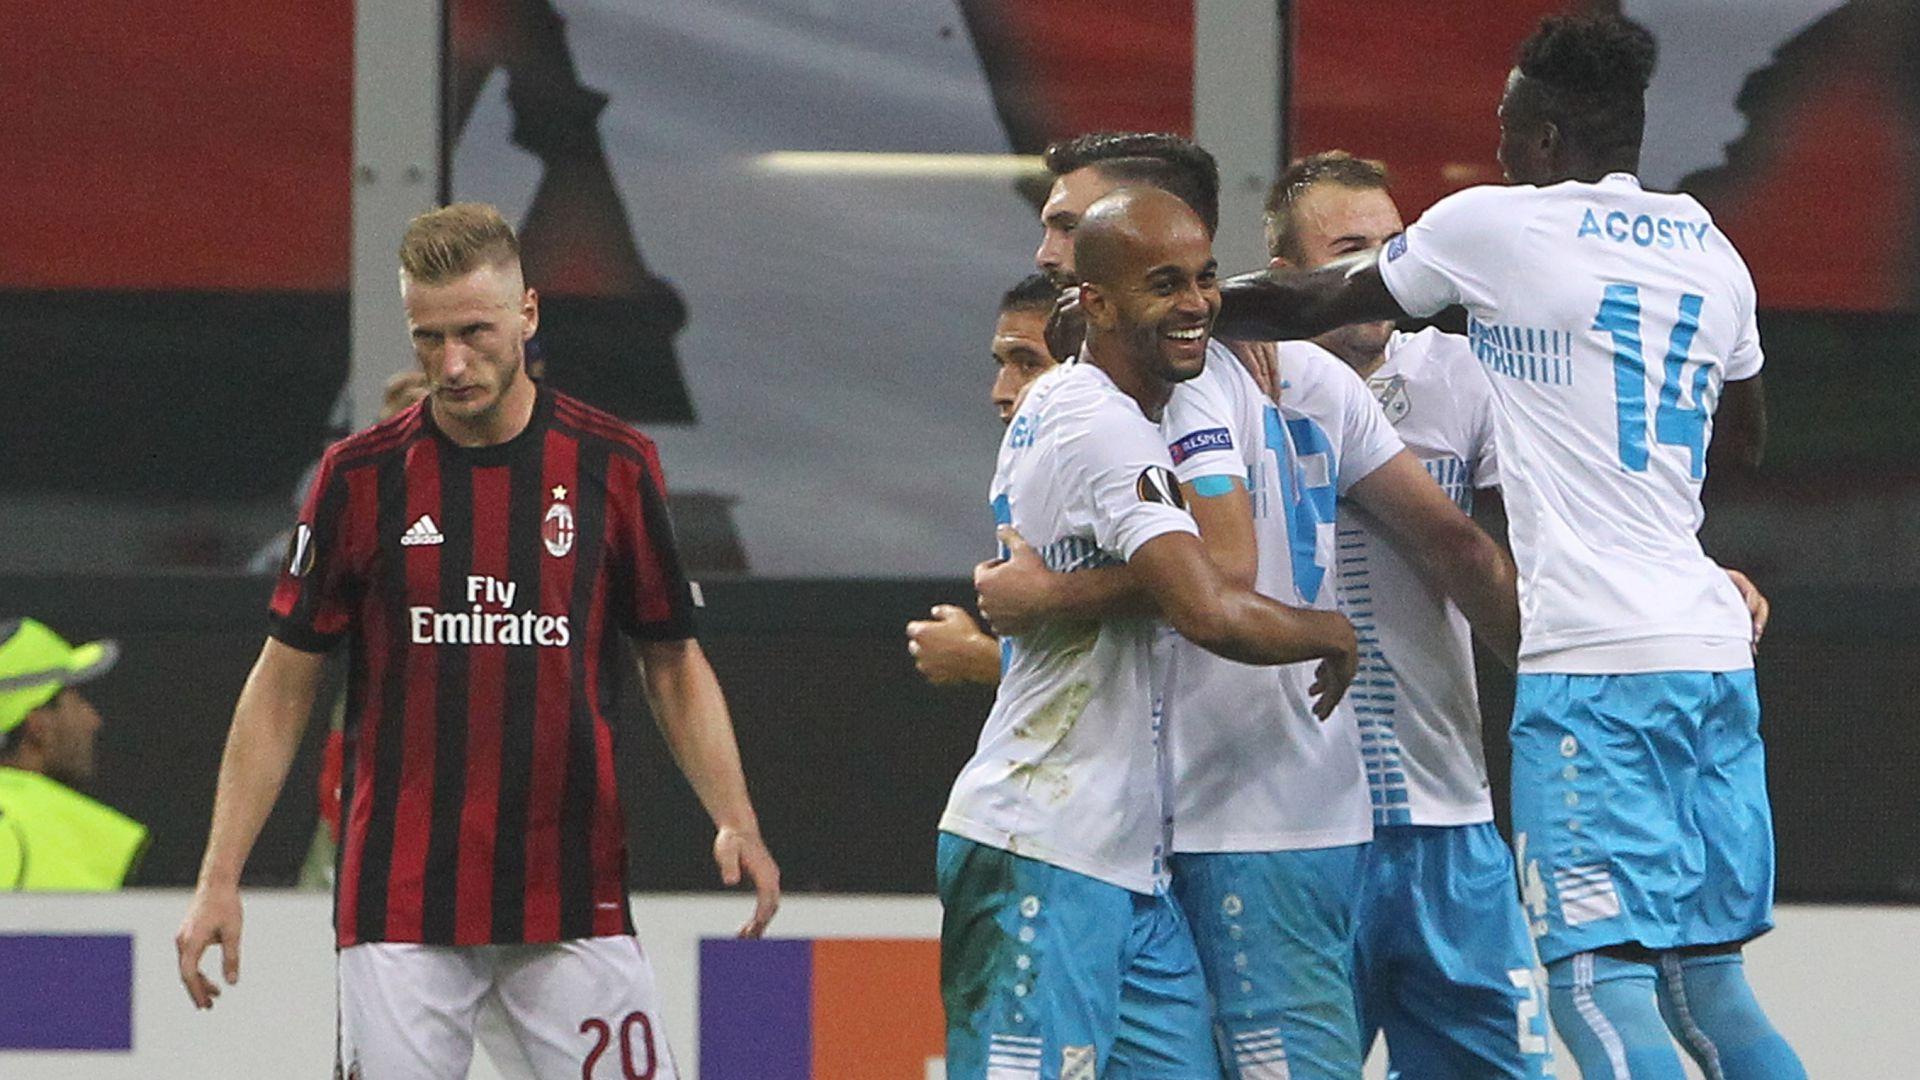 Rijeka celebrates Elez goal Milan